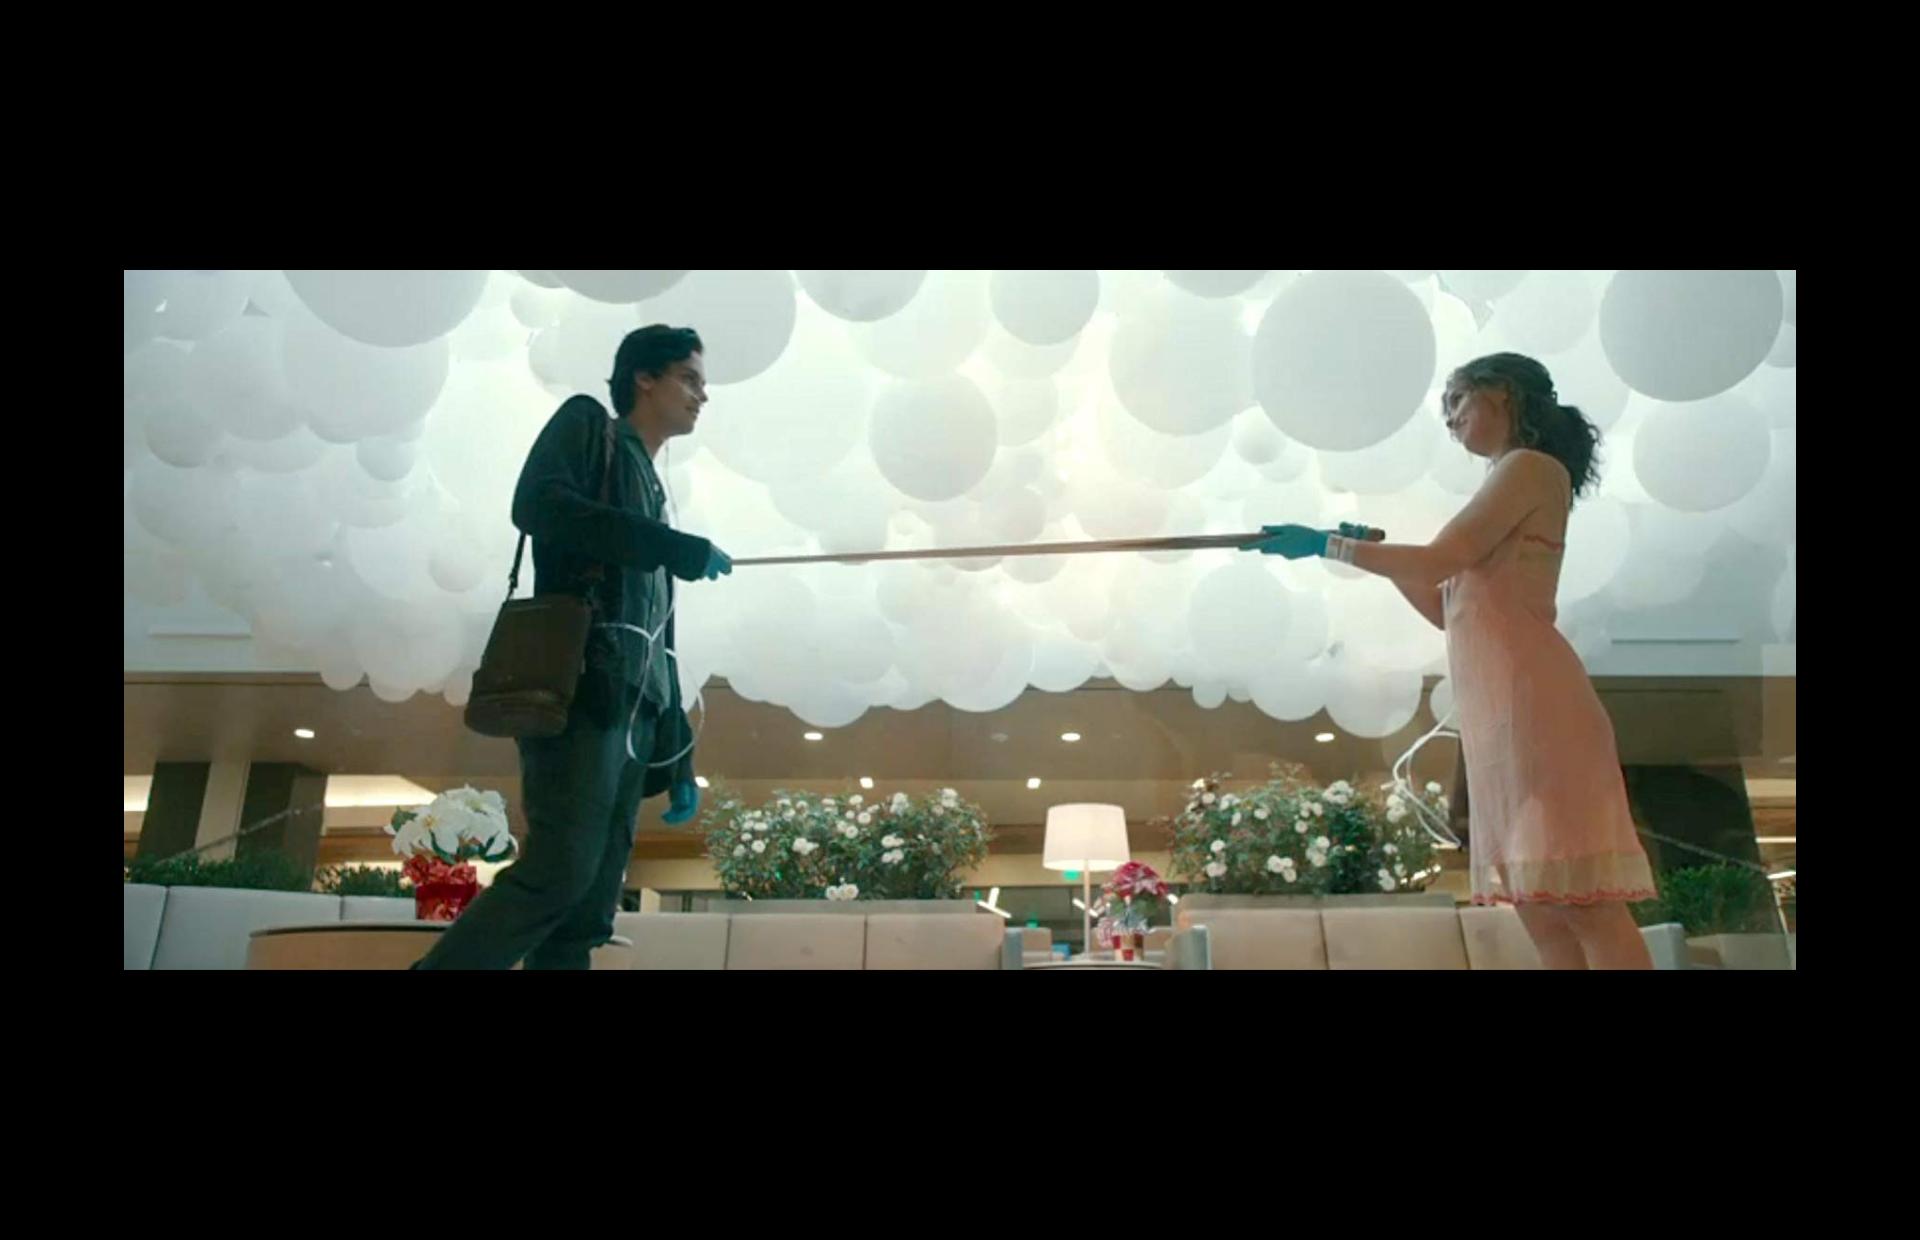 Five feet apart: μια δραματική ταινία για έναν άτυχο έρωτα